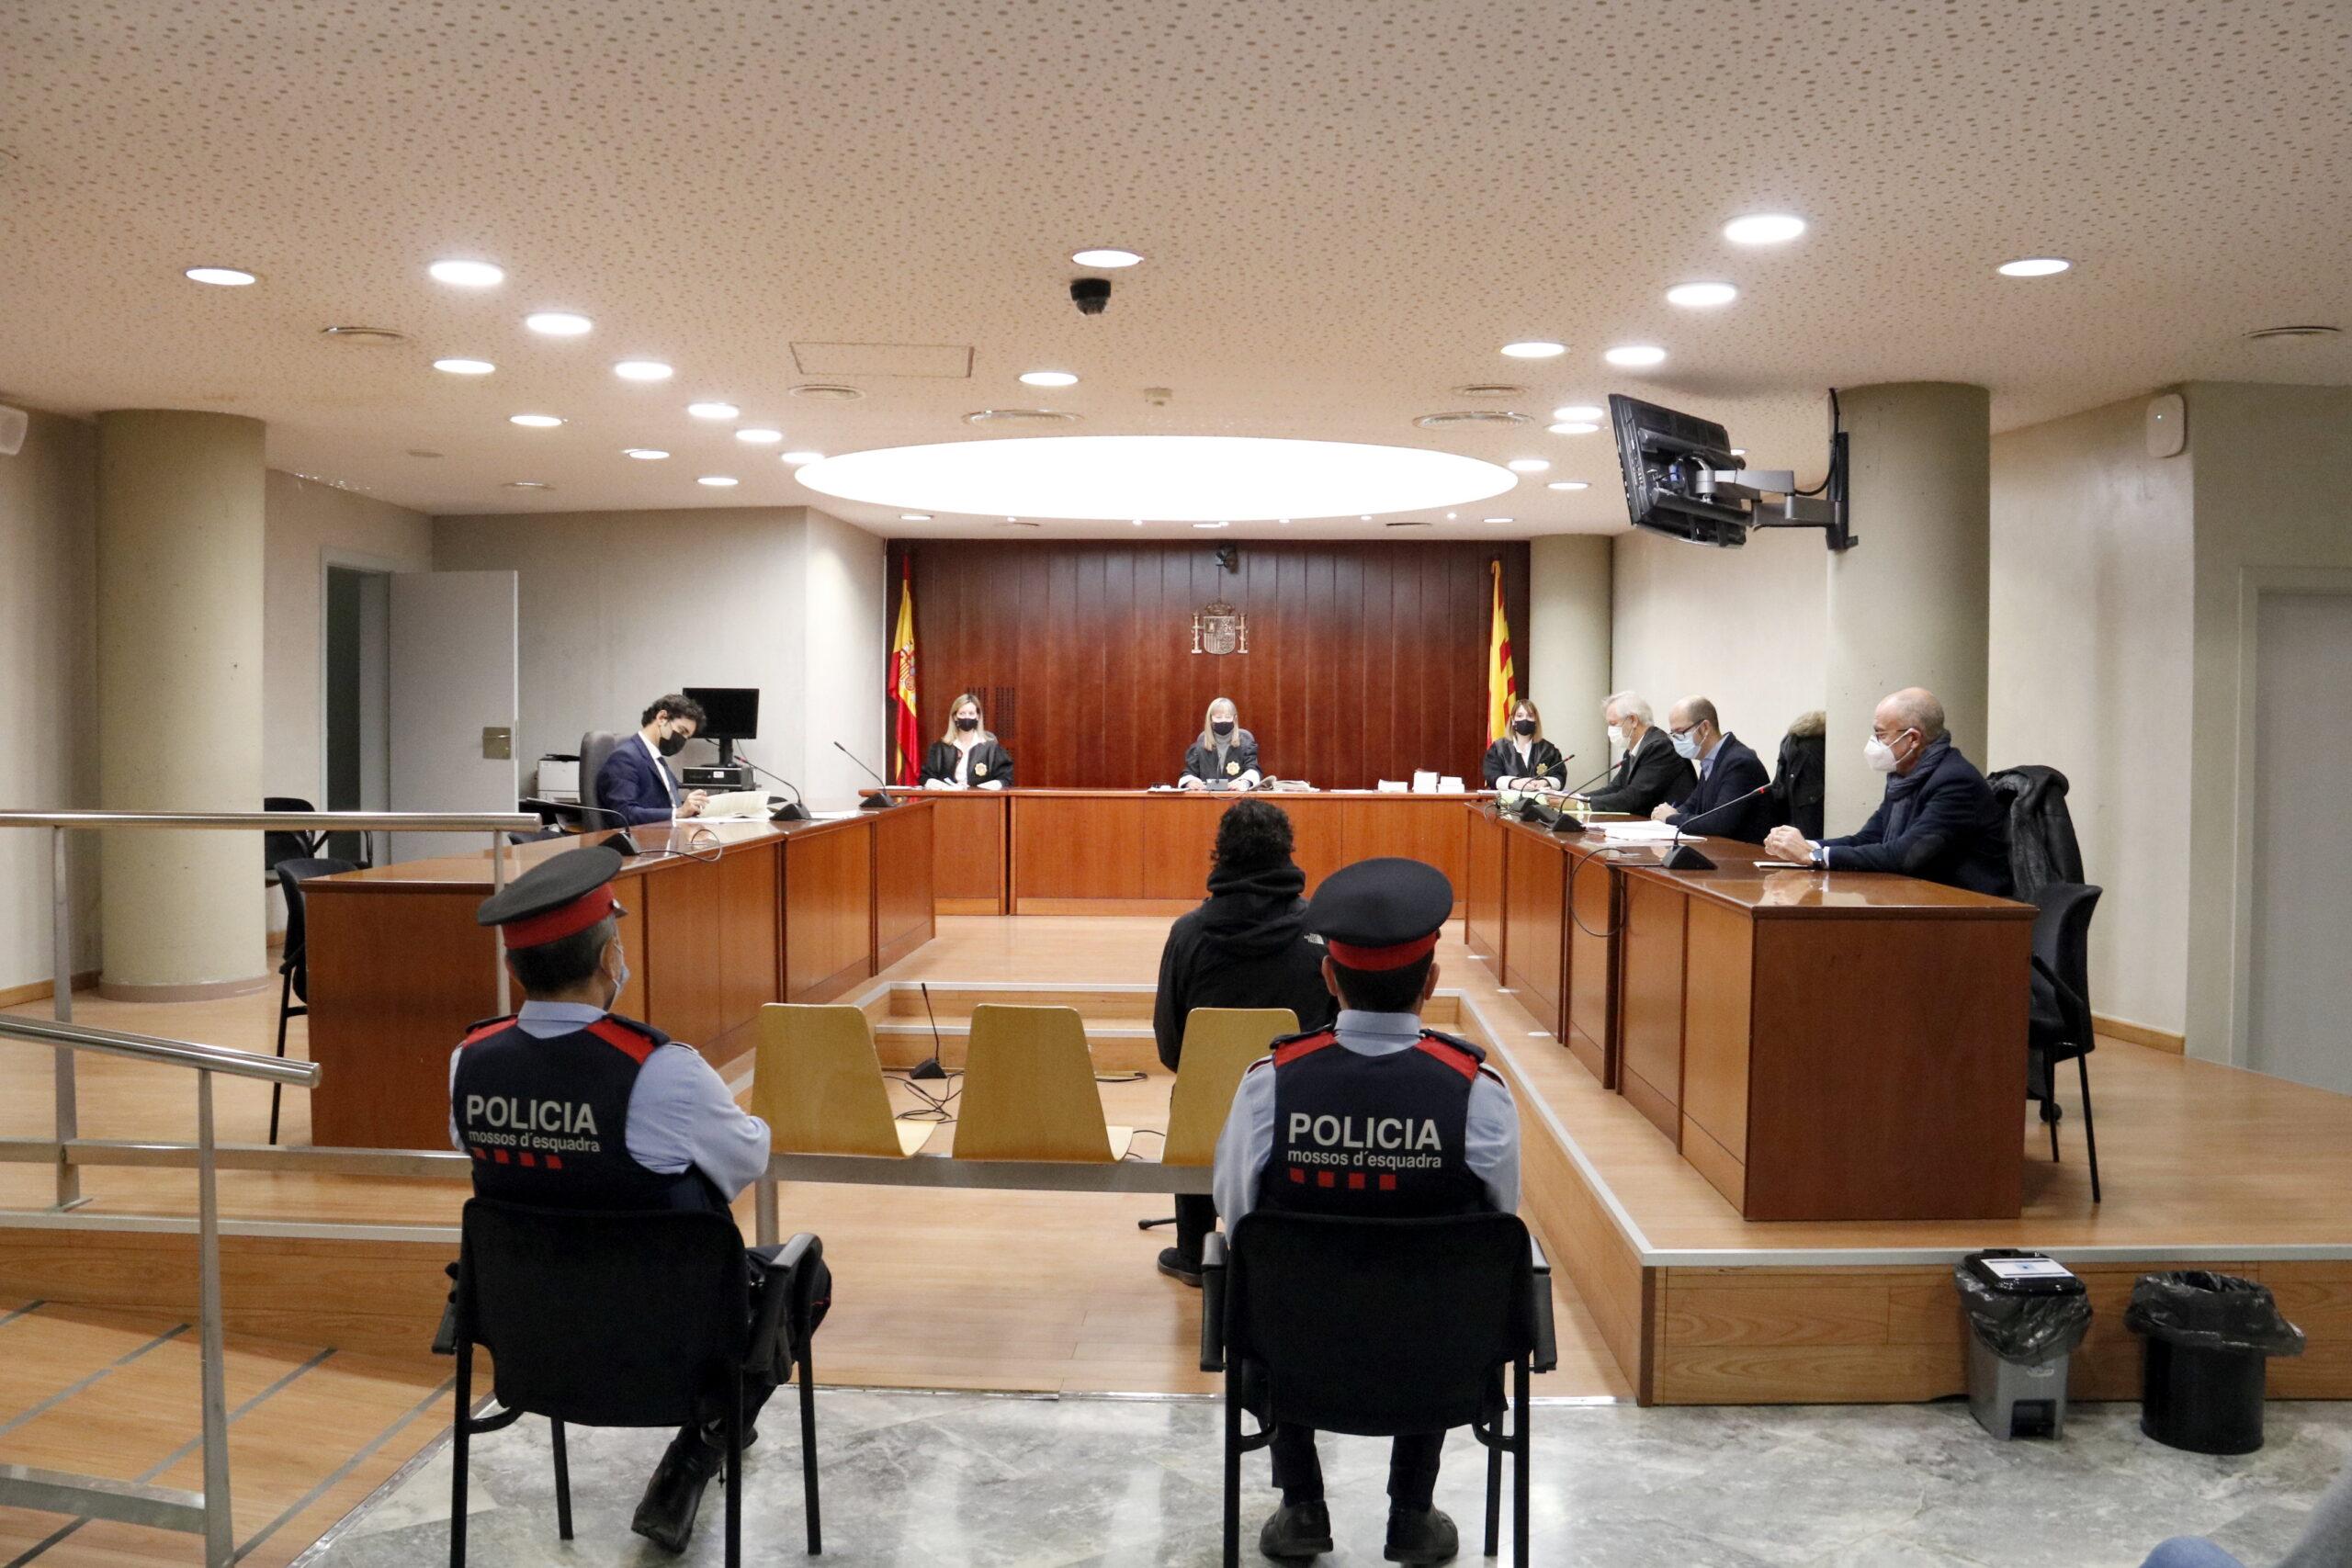 Pla obert de l'Audiència de Lleida durant la vista de conformitat a l'exeducador social de Mollerussa per corrupció de menors. Imatge del 16 de desembre de 2020. (Horitzontal)